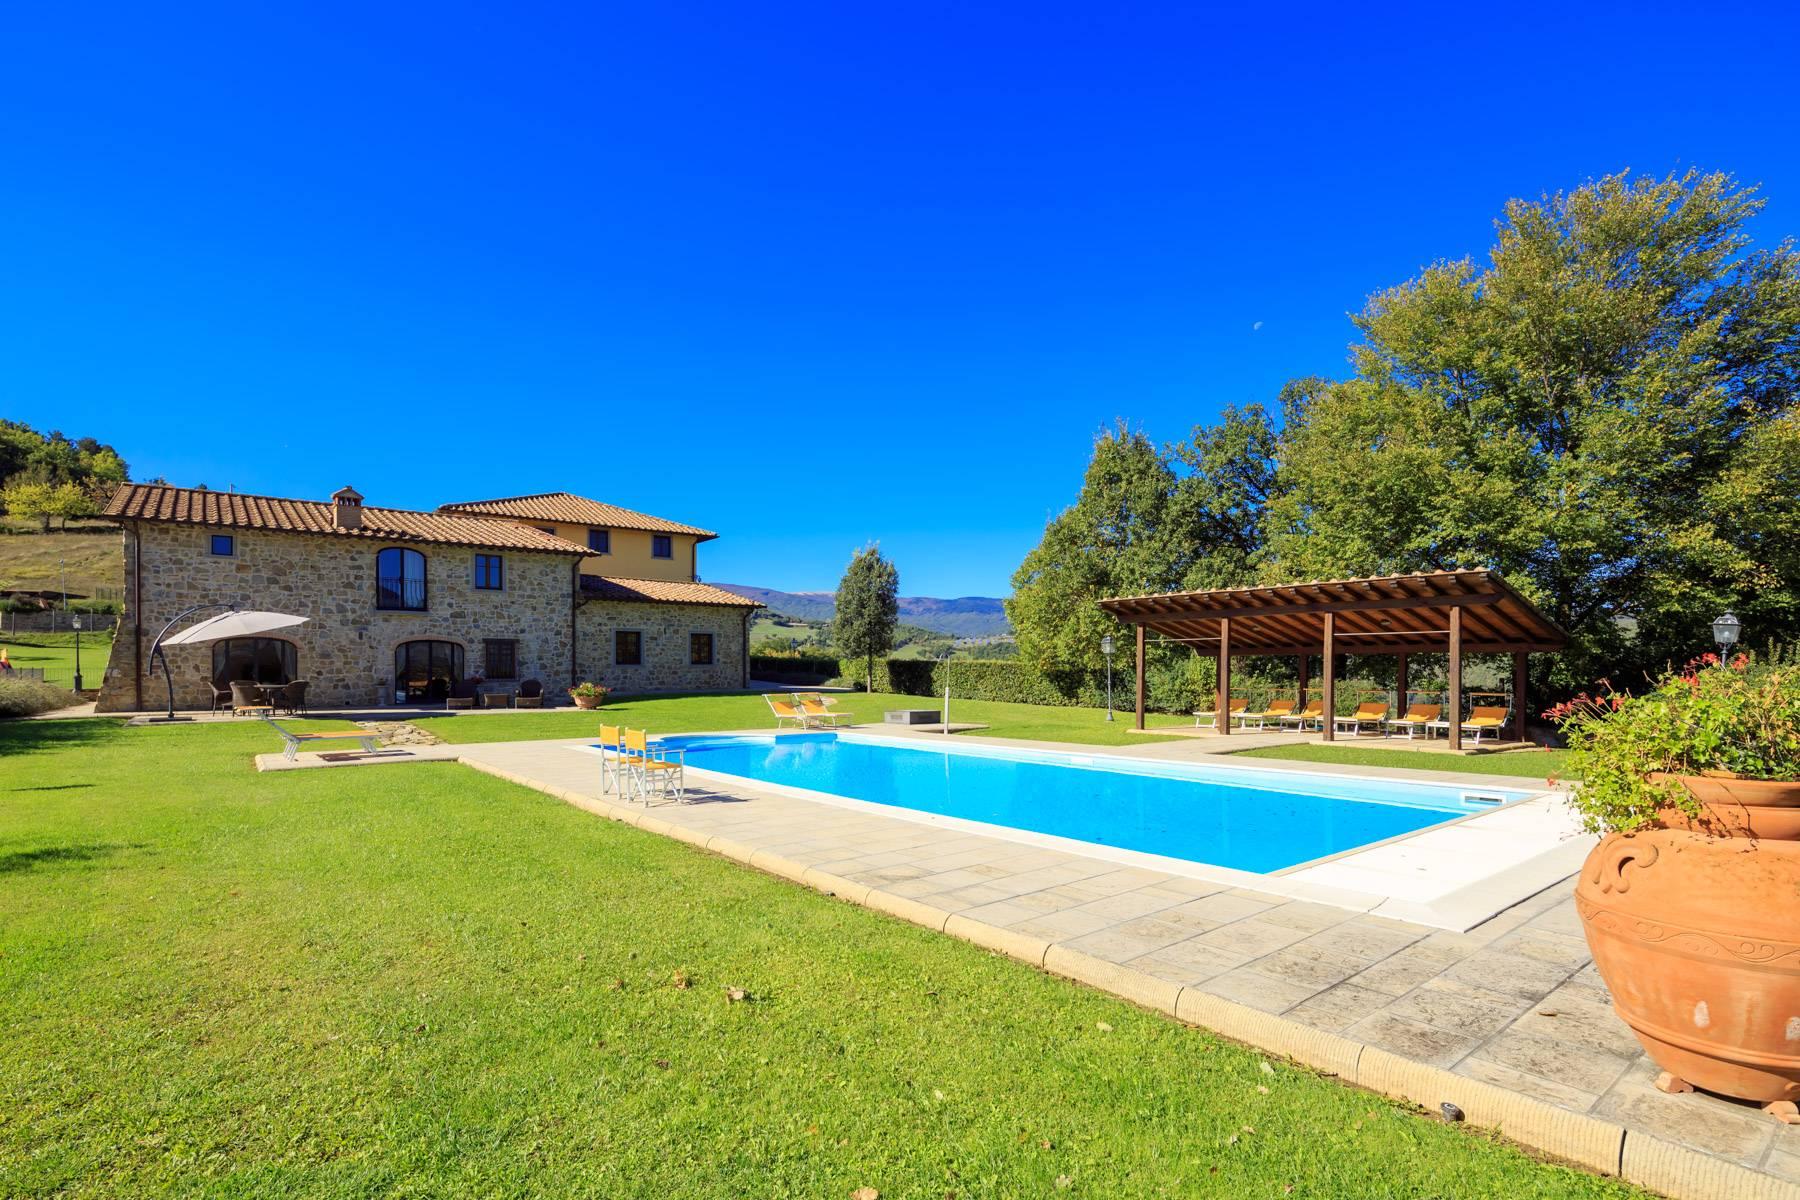 Villa in Vendita a Poppi: 5 locali, 1075 mq - Foto 4